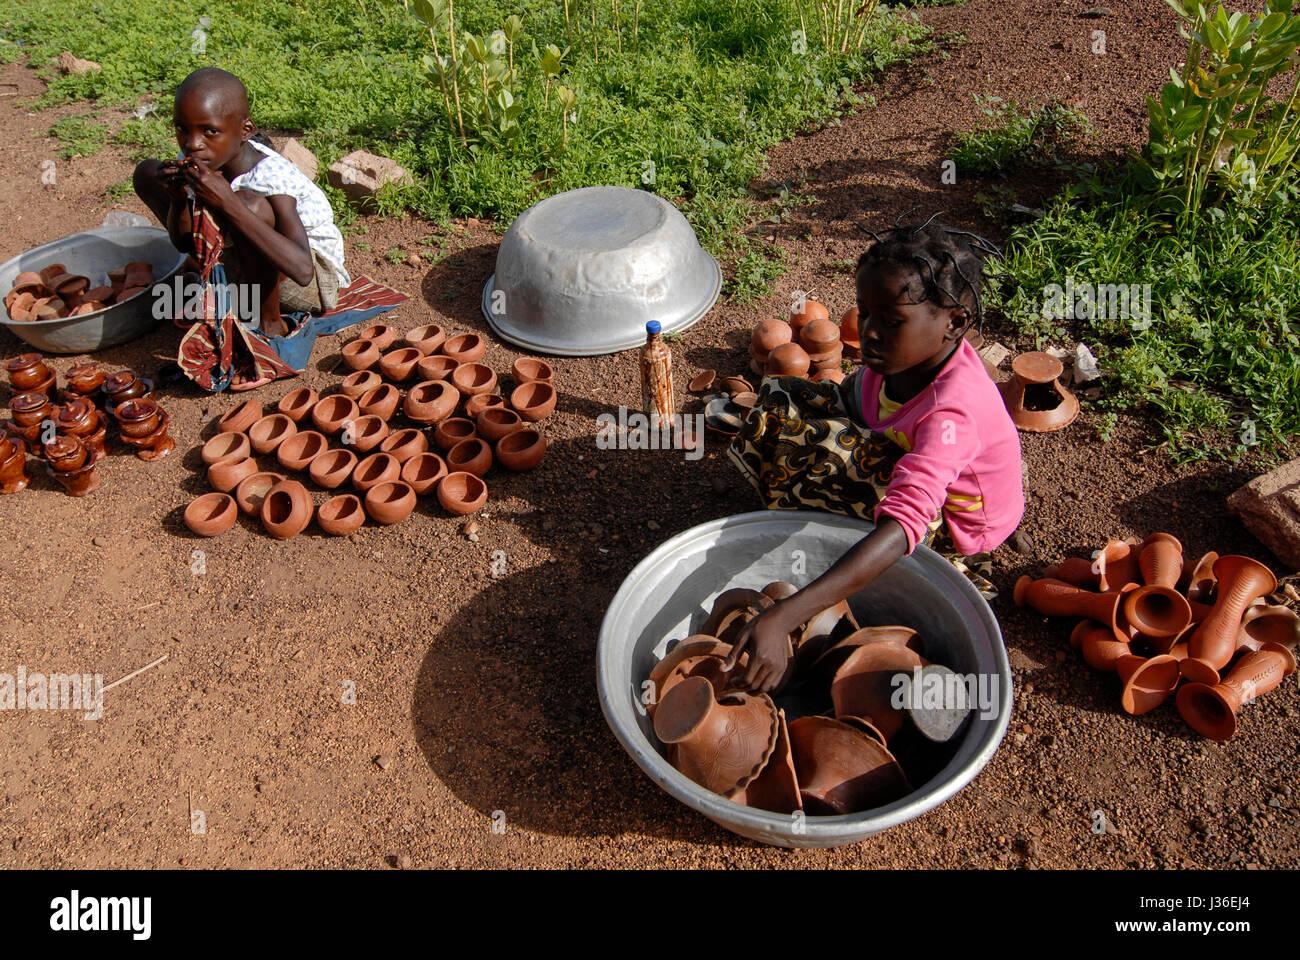 BURKINA Faso, Gaoua, children sell pottery at market / BURKINA FASO, Gaoua, Kinder verkaufen Toepferwaren auf dem - Stock Image